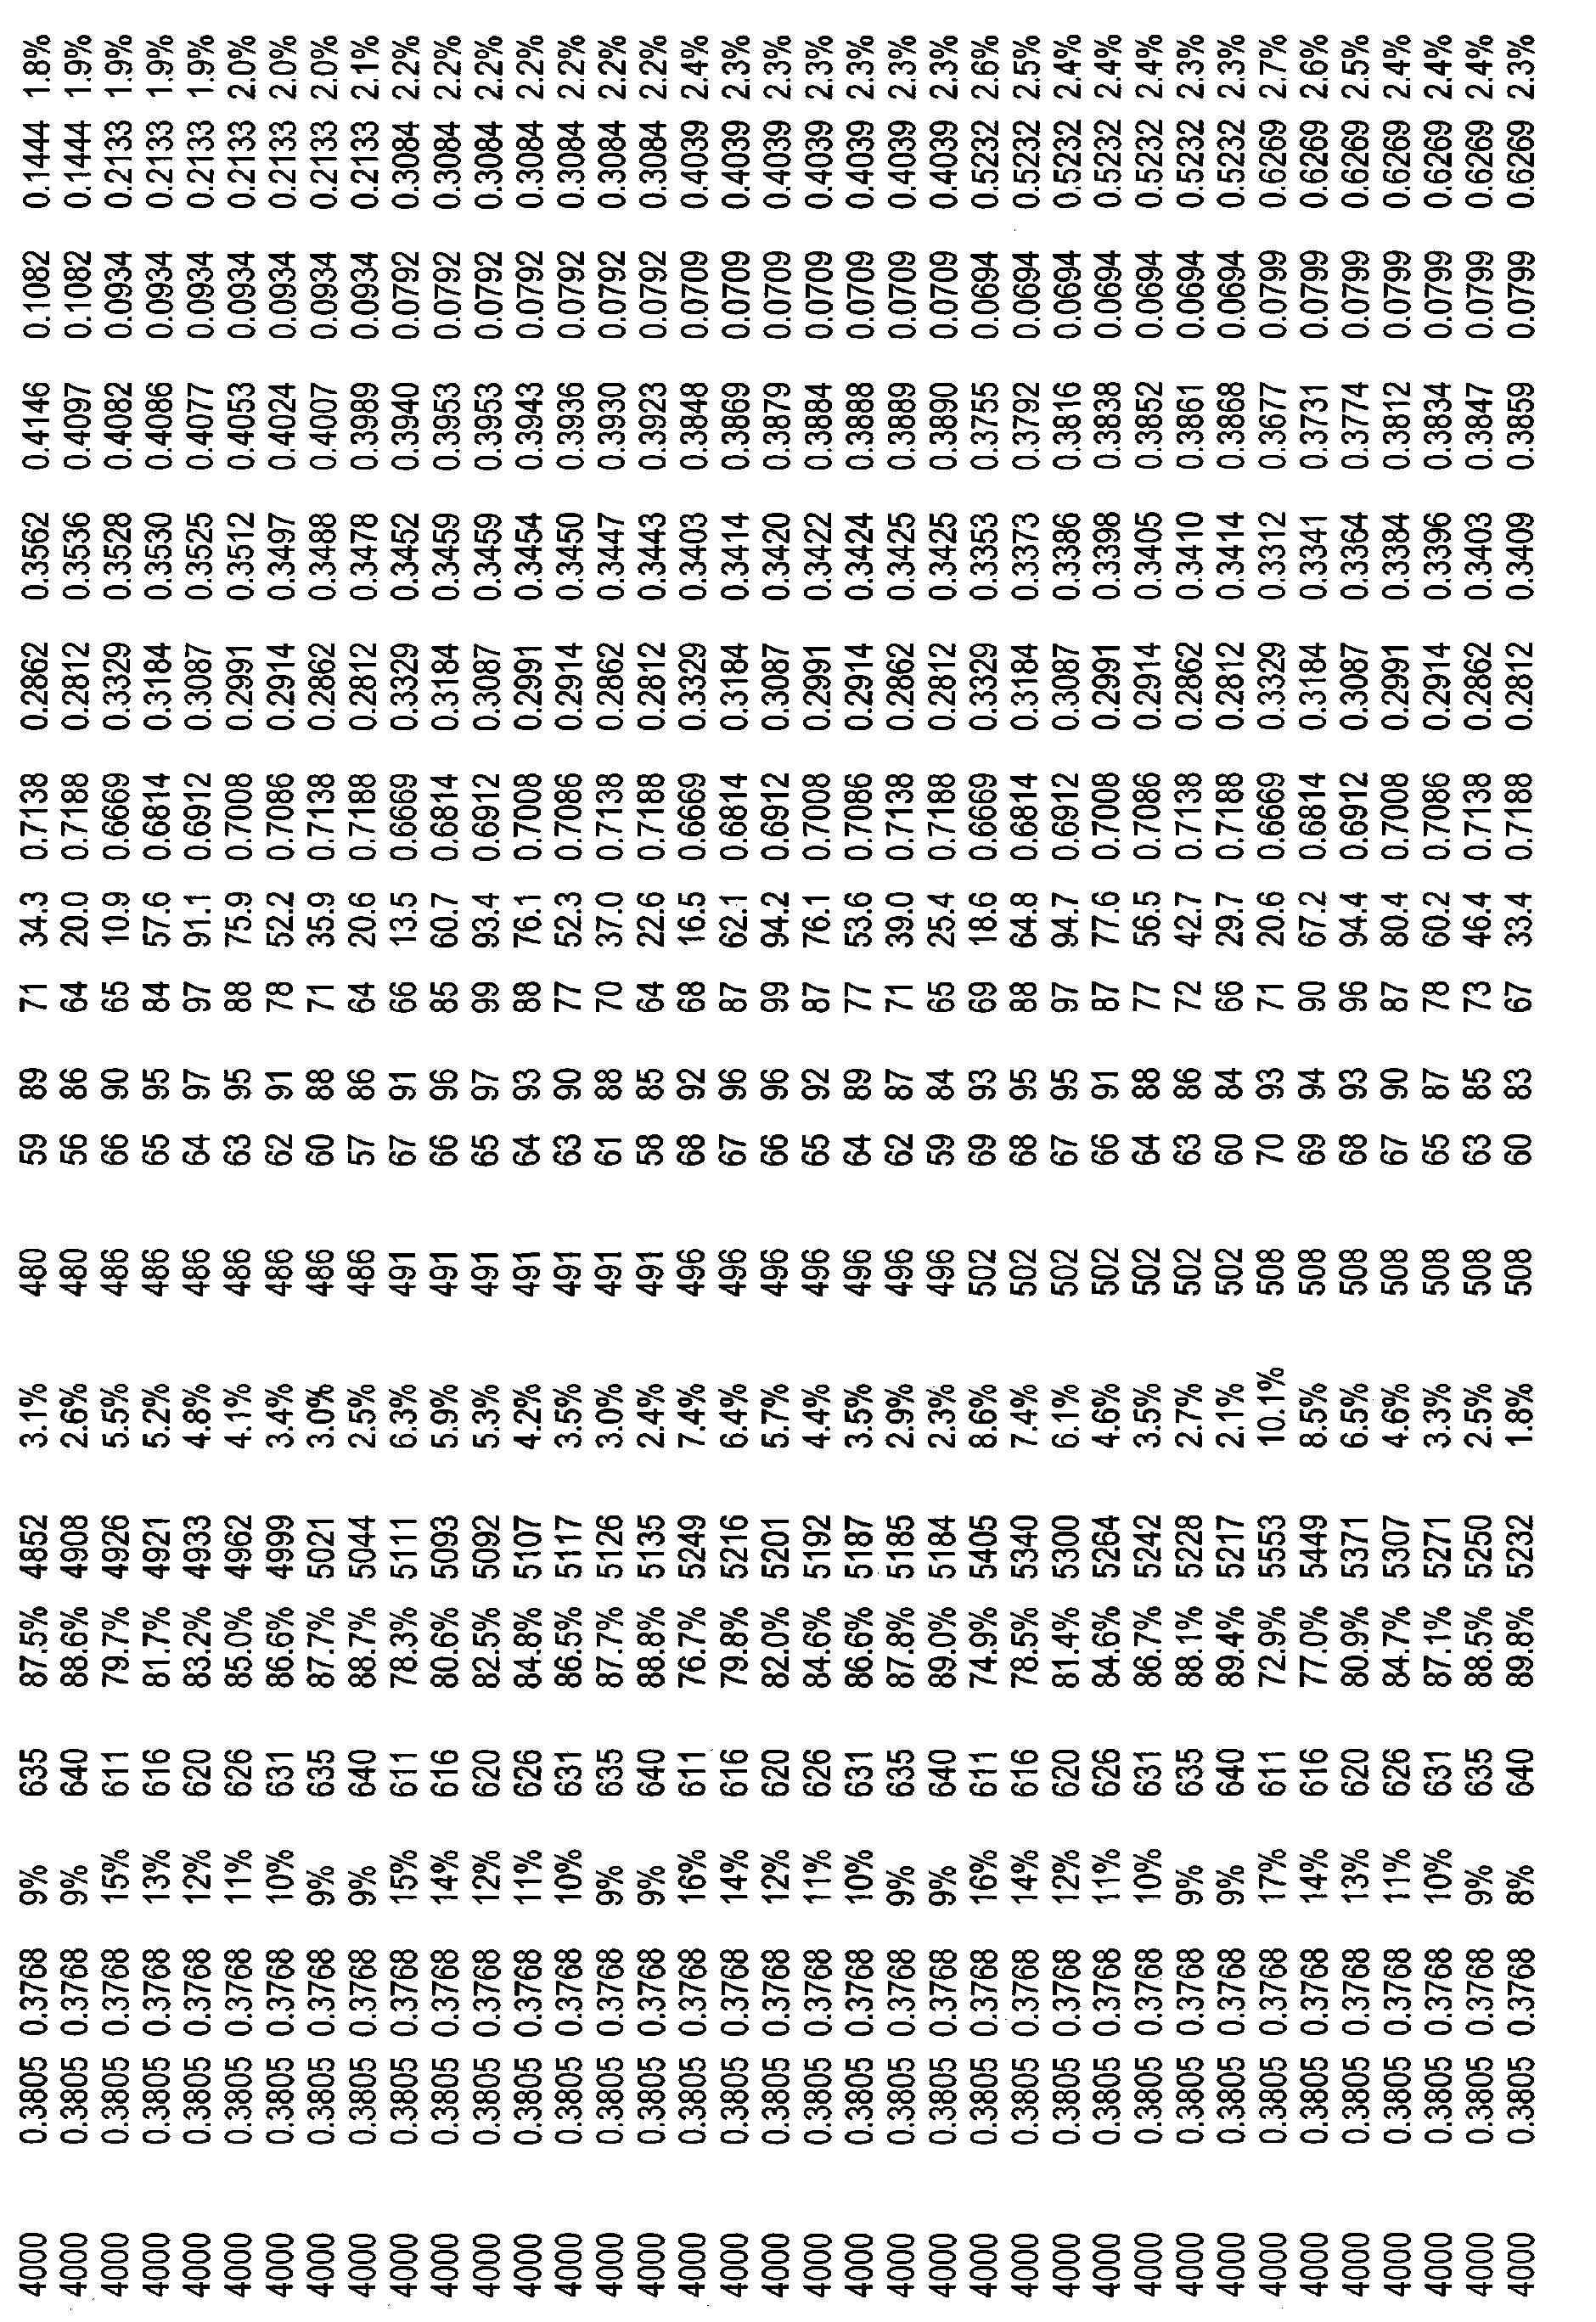 Figure CN101821544BD00911